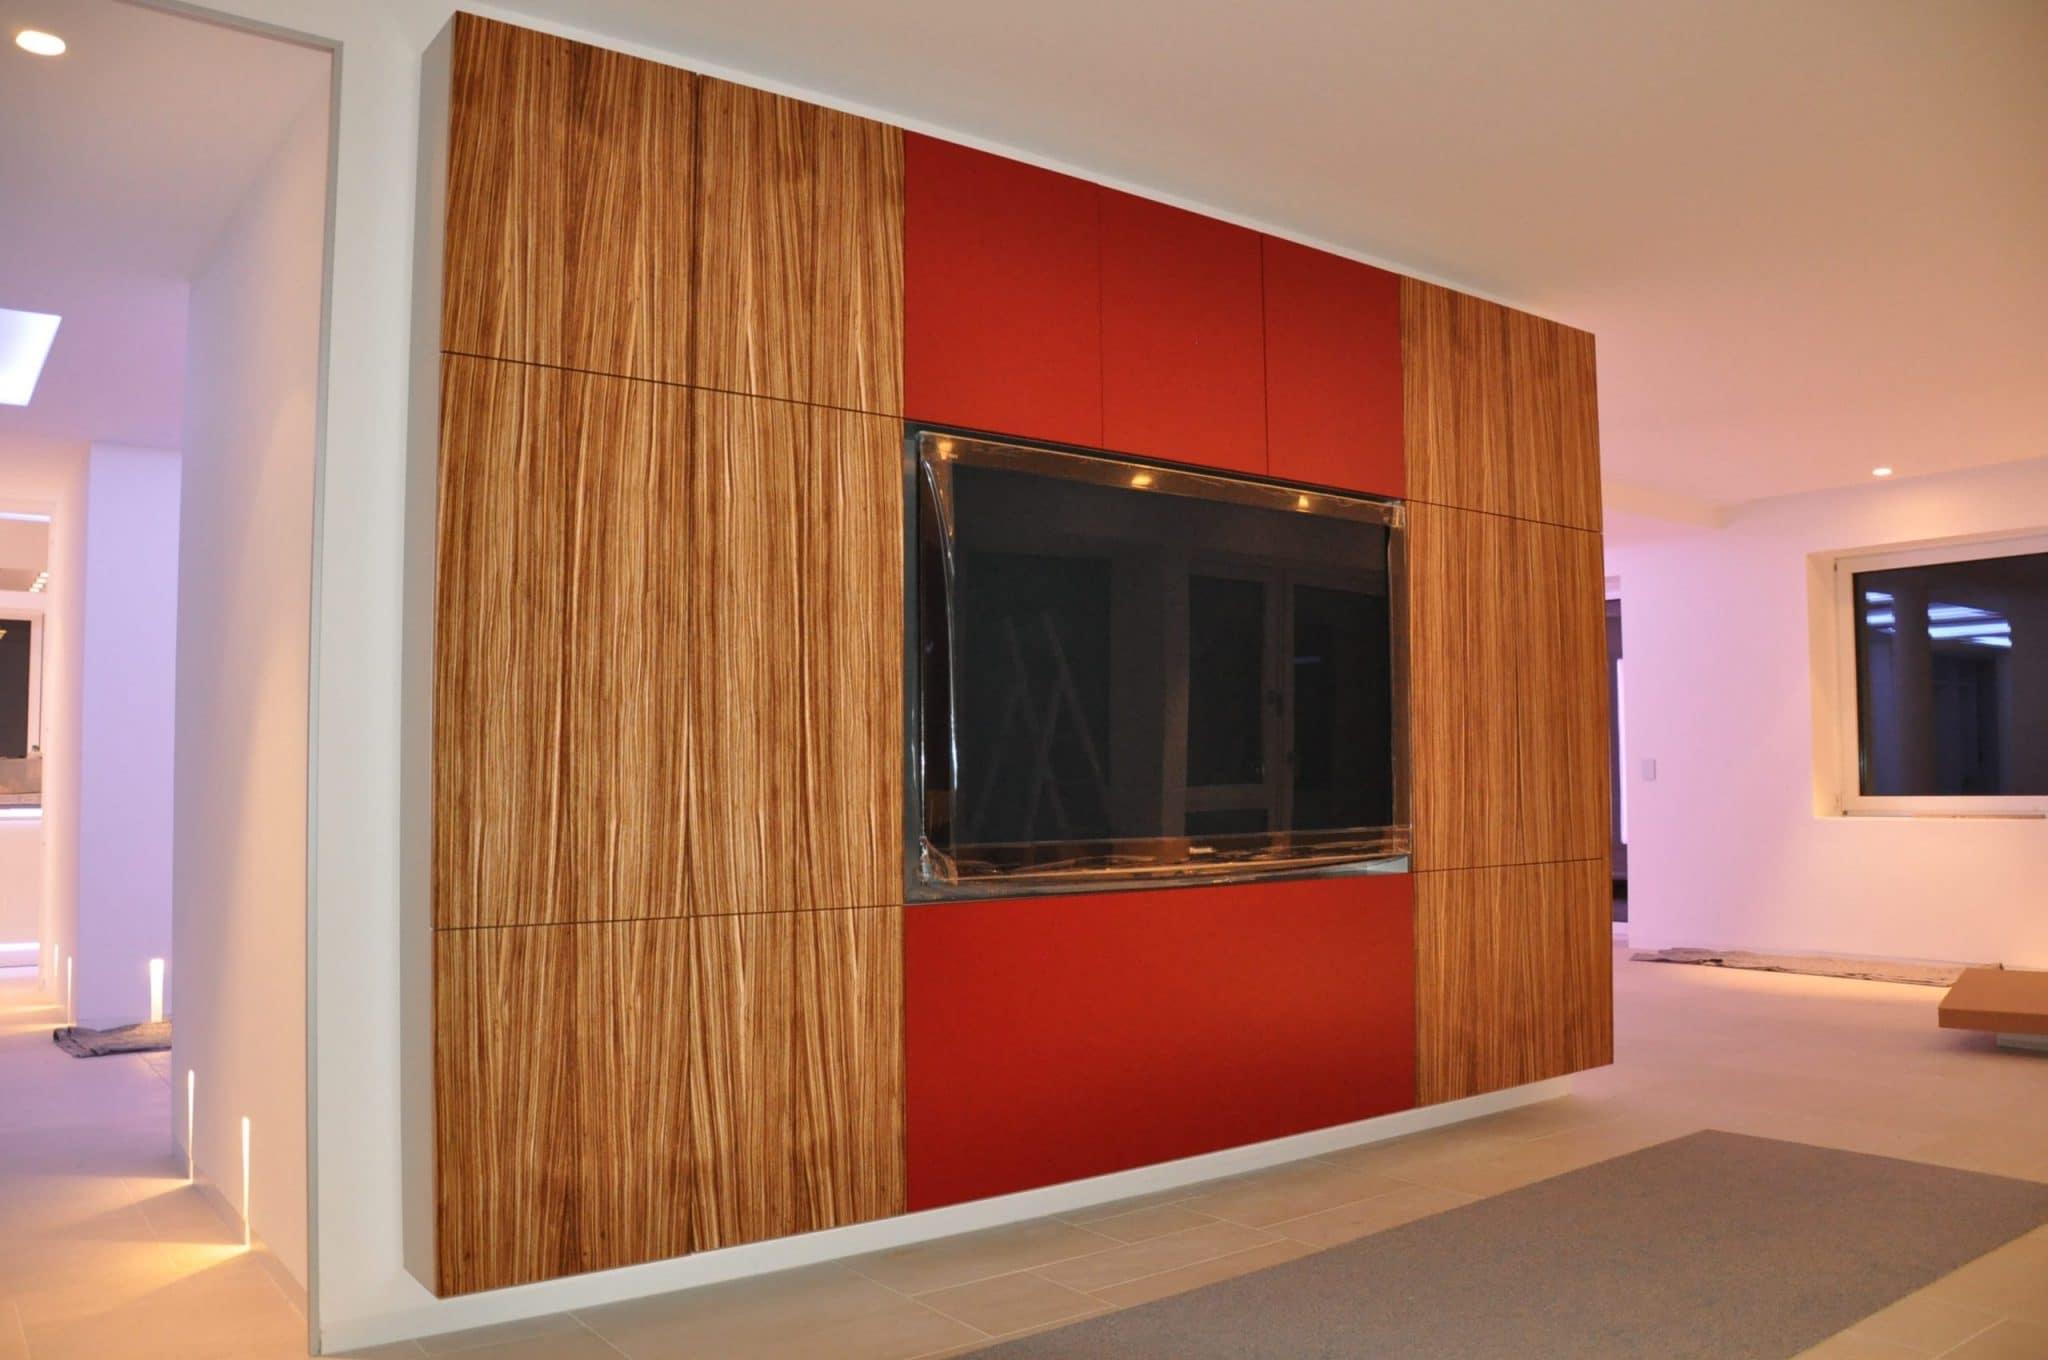 tischlerei-hanses-essen-moebel-handwerk-wohnraum-13